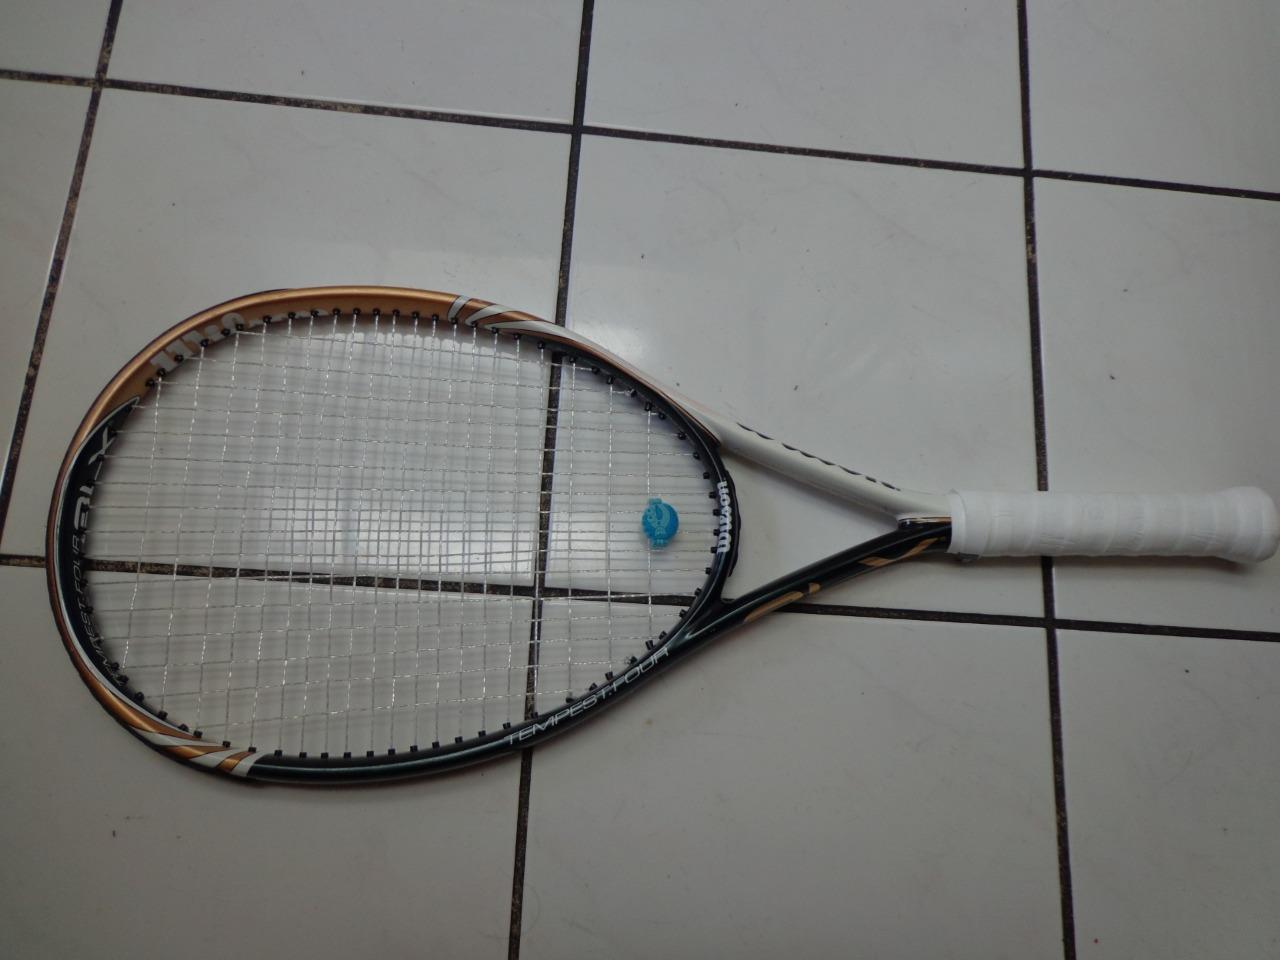 Wilson BLX Tempest 4 FOUR 110 head 4 3 8 grip Tennis Racquet